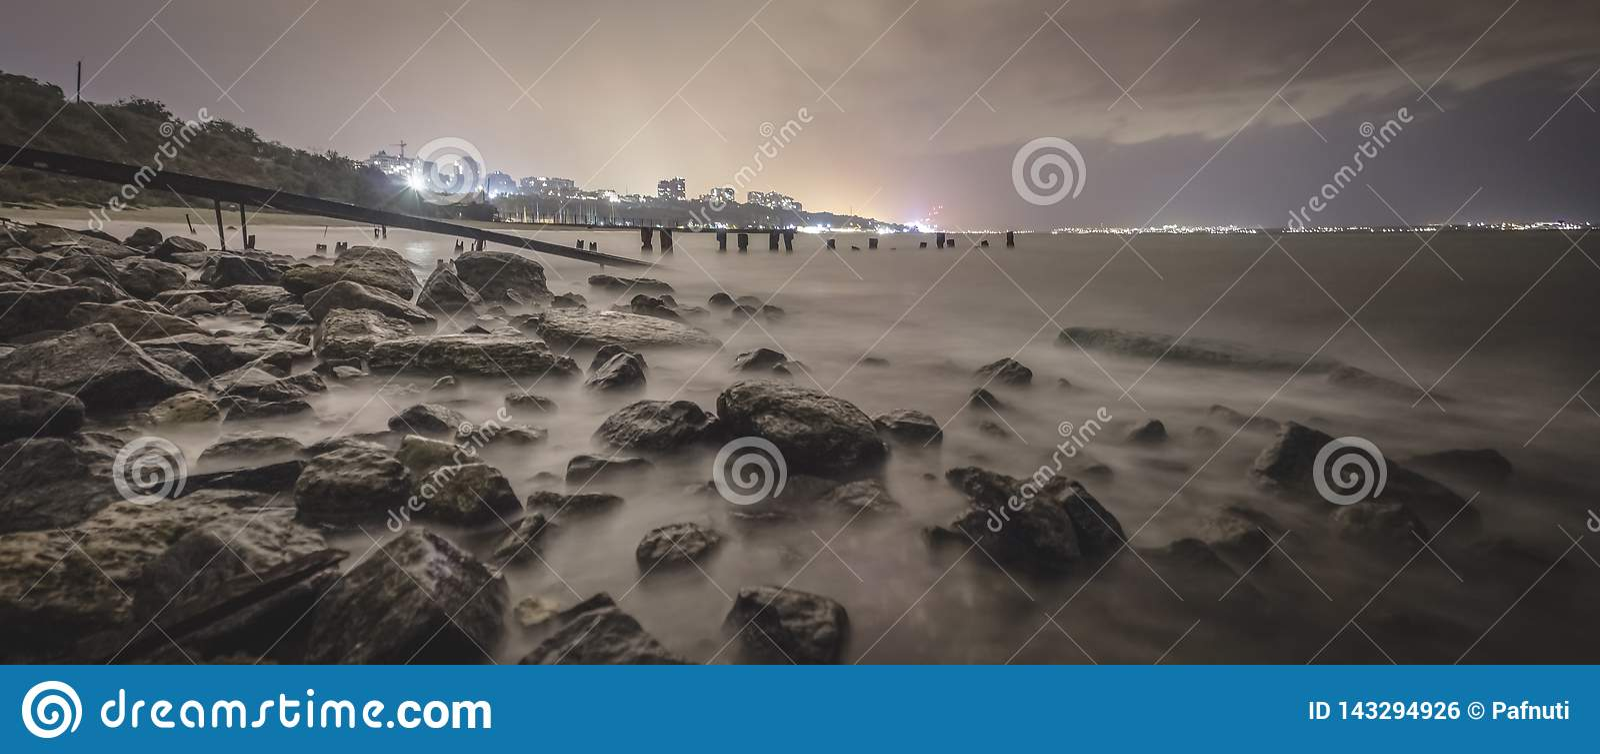 Exposición larga de una playa rocosa imponente en Odessa en la oscuridad